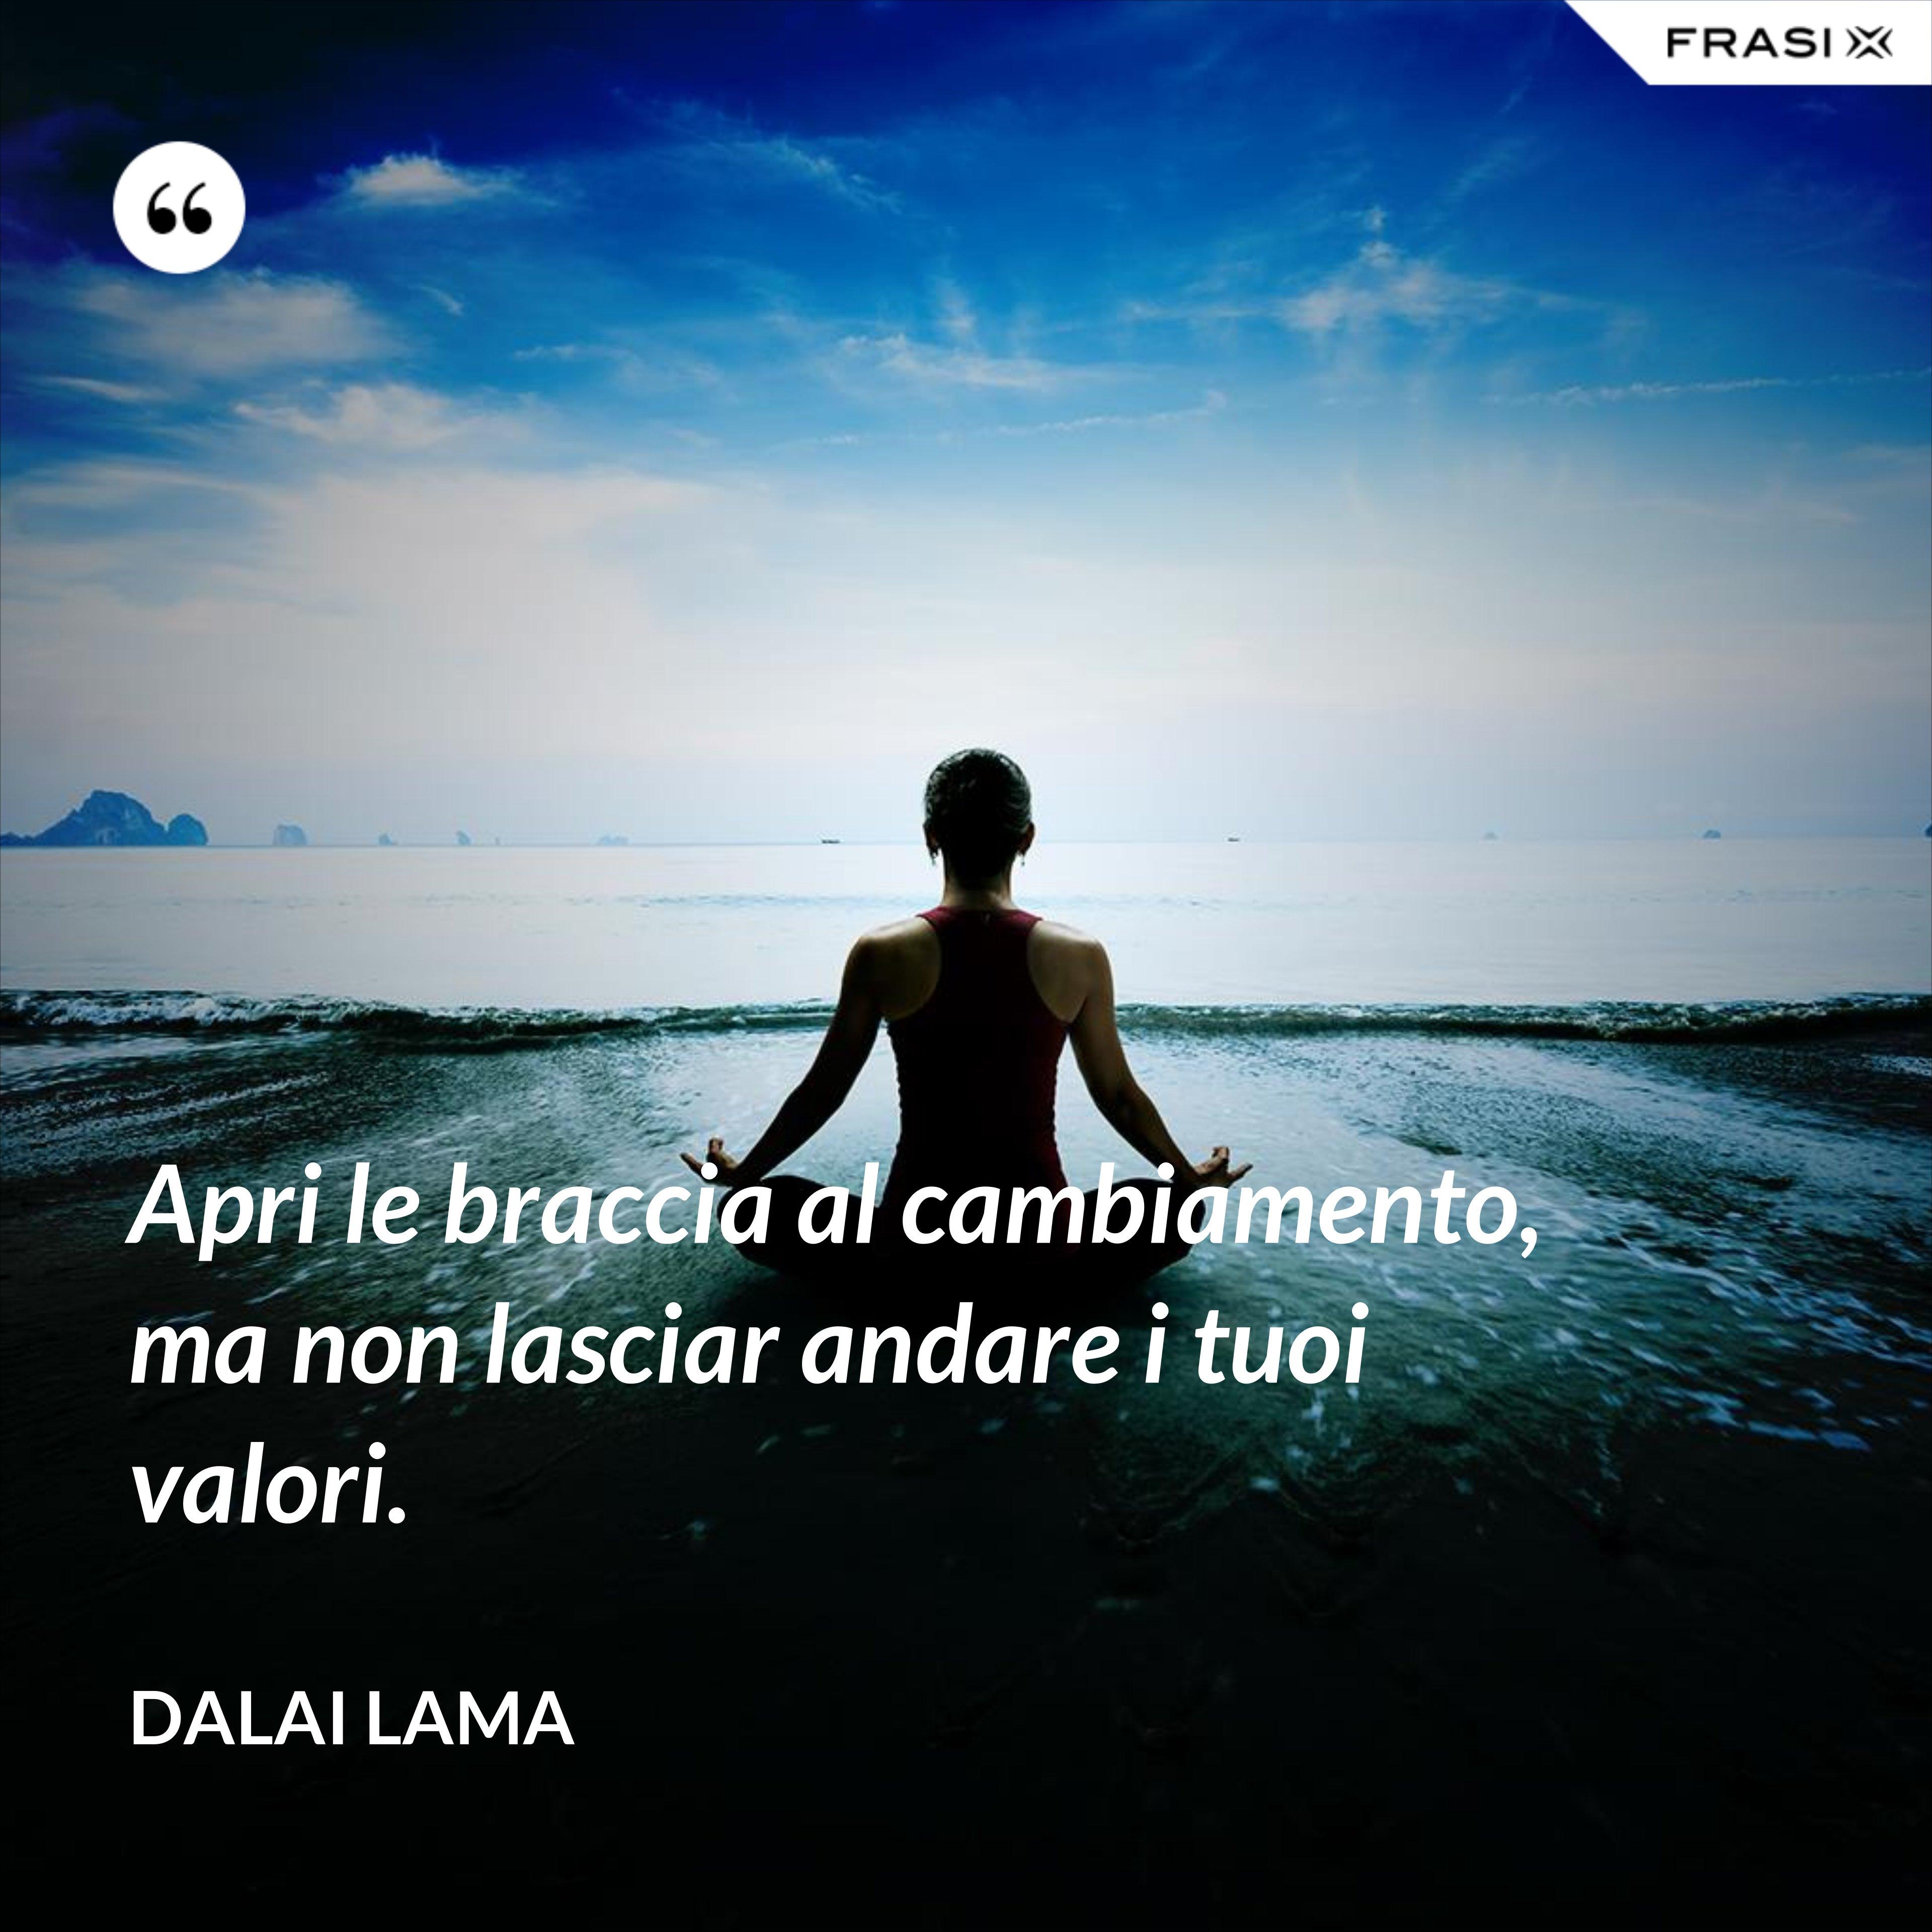 Apri le braccia al cambiamento, ma non lasciar andare i tuoi valori. - Dalai Lama